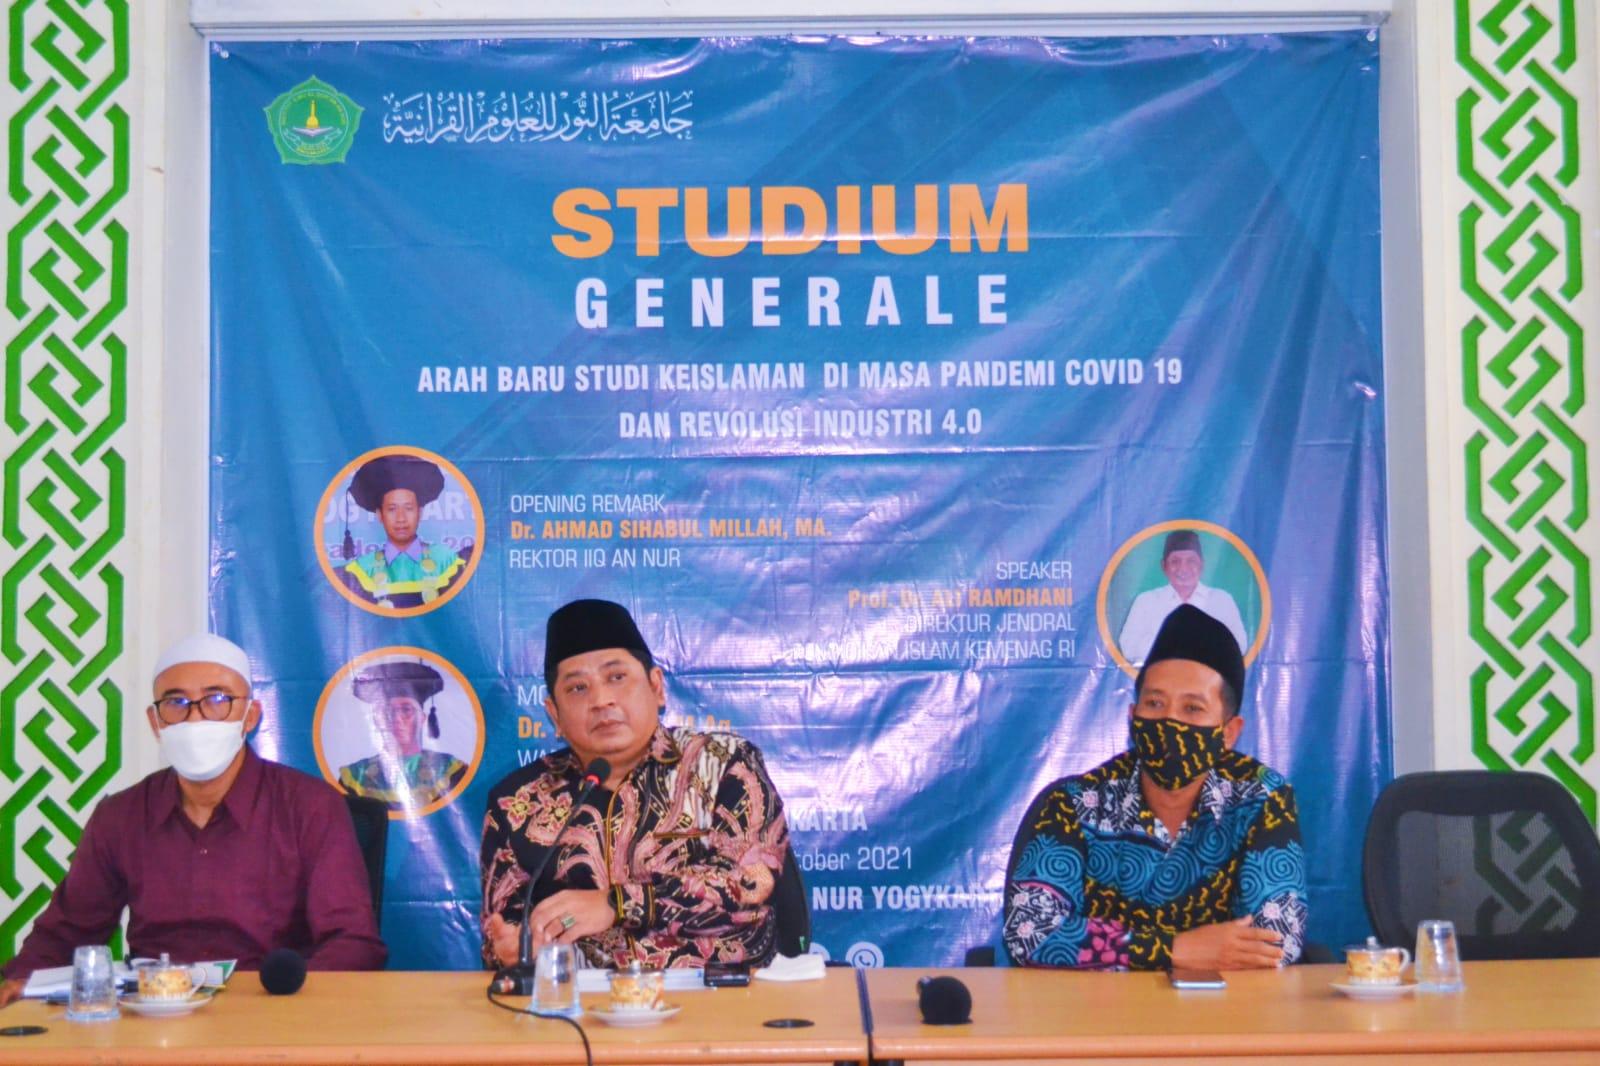 Direktur Jendral Pendidikan Islam Kemenag RI Hadir sebagai Pembicara dalam Studium Generale IIQ An Nur